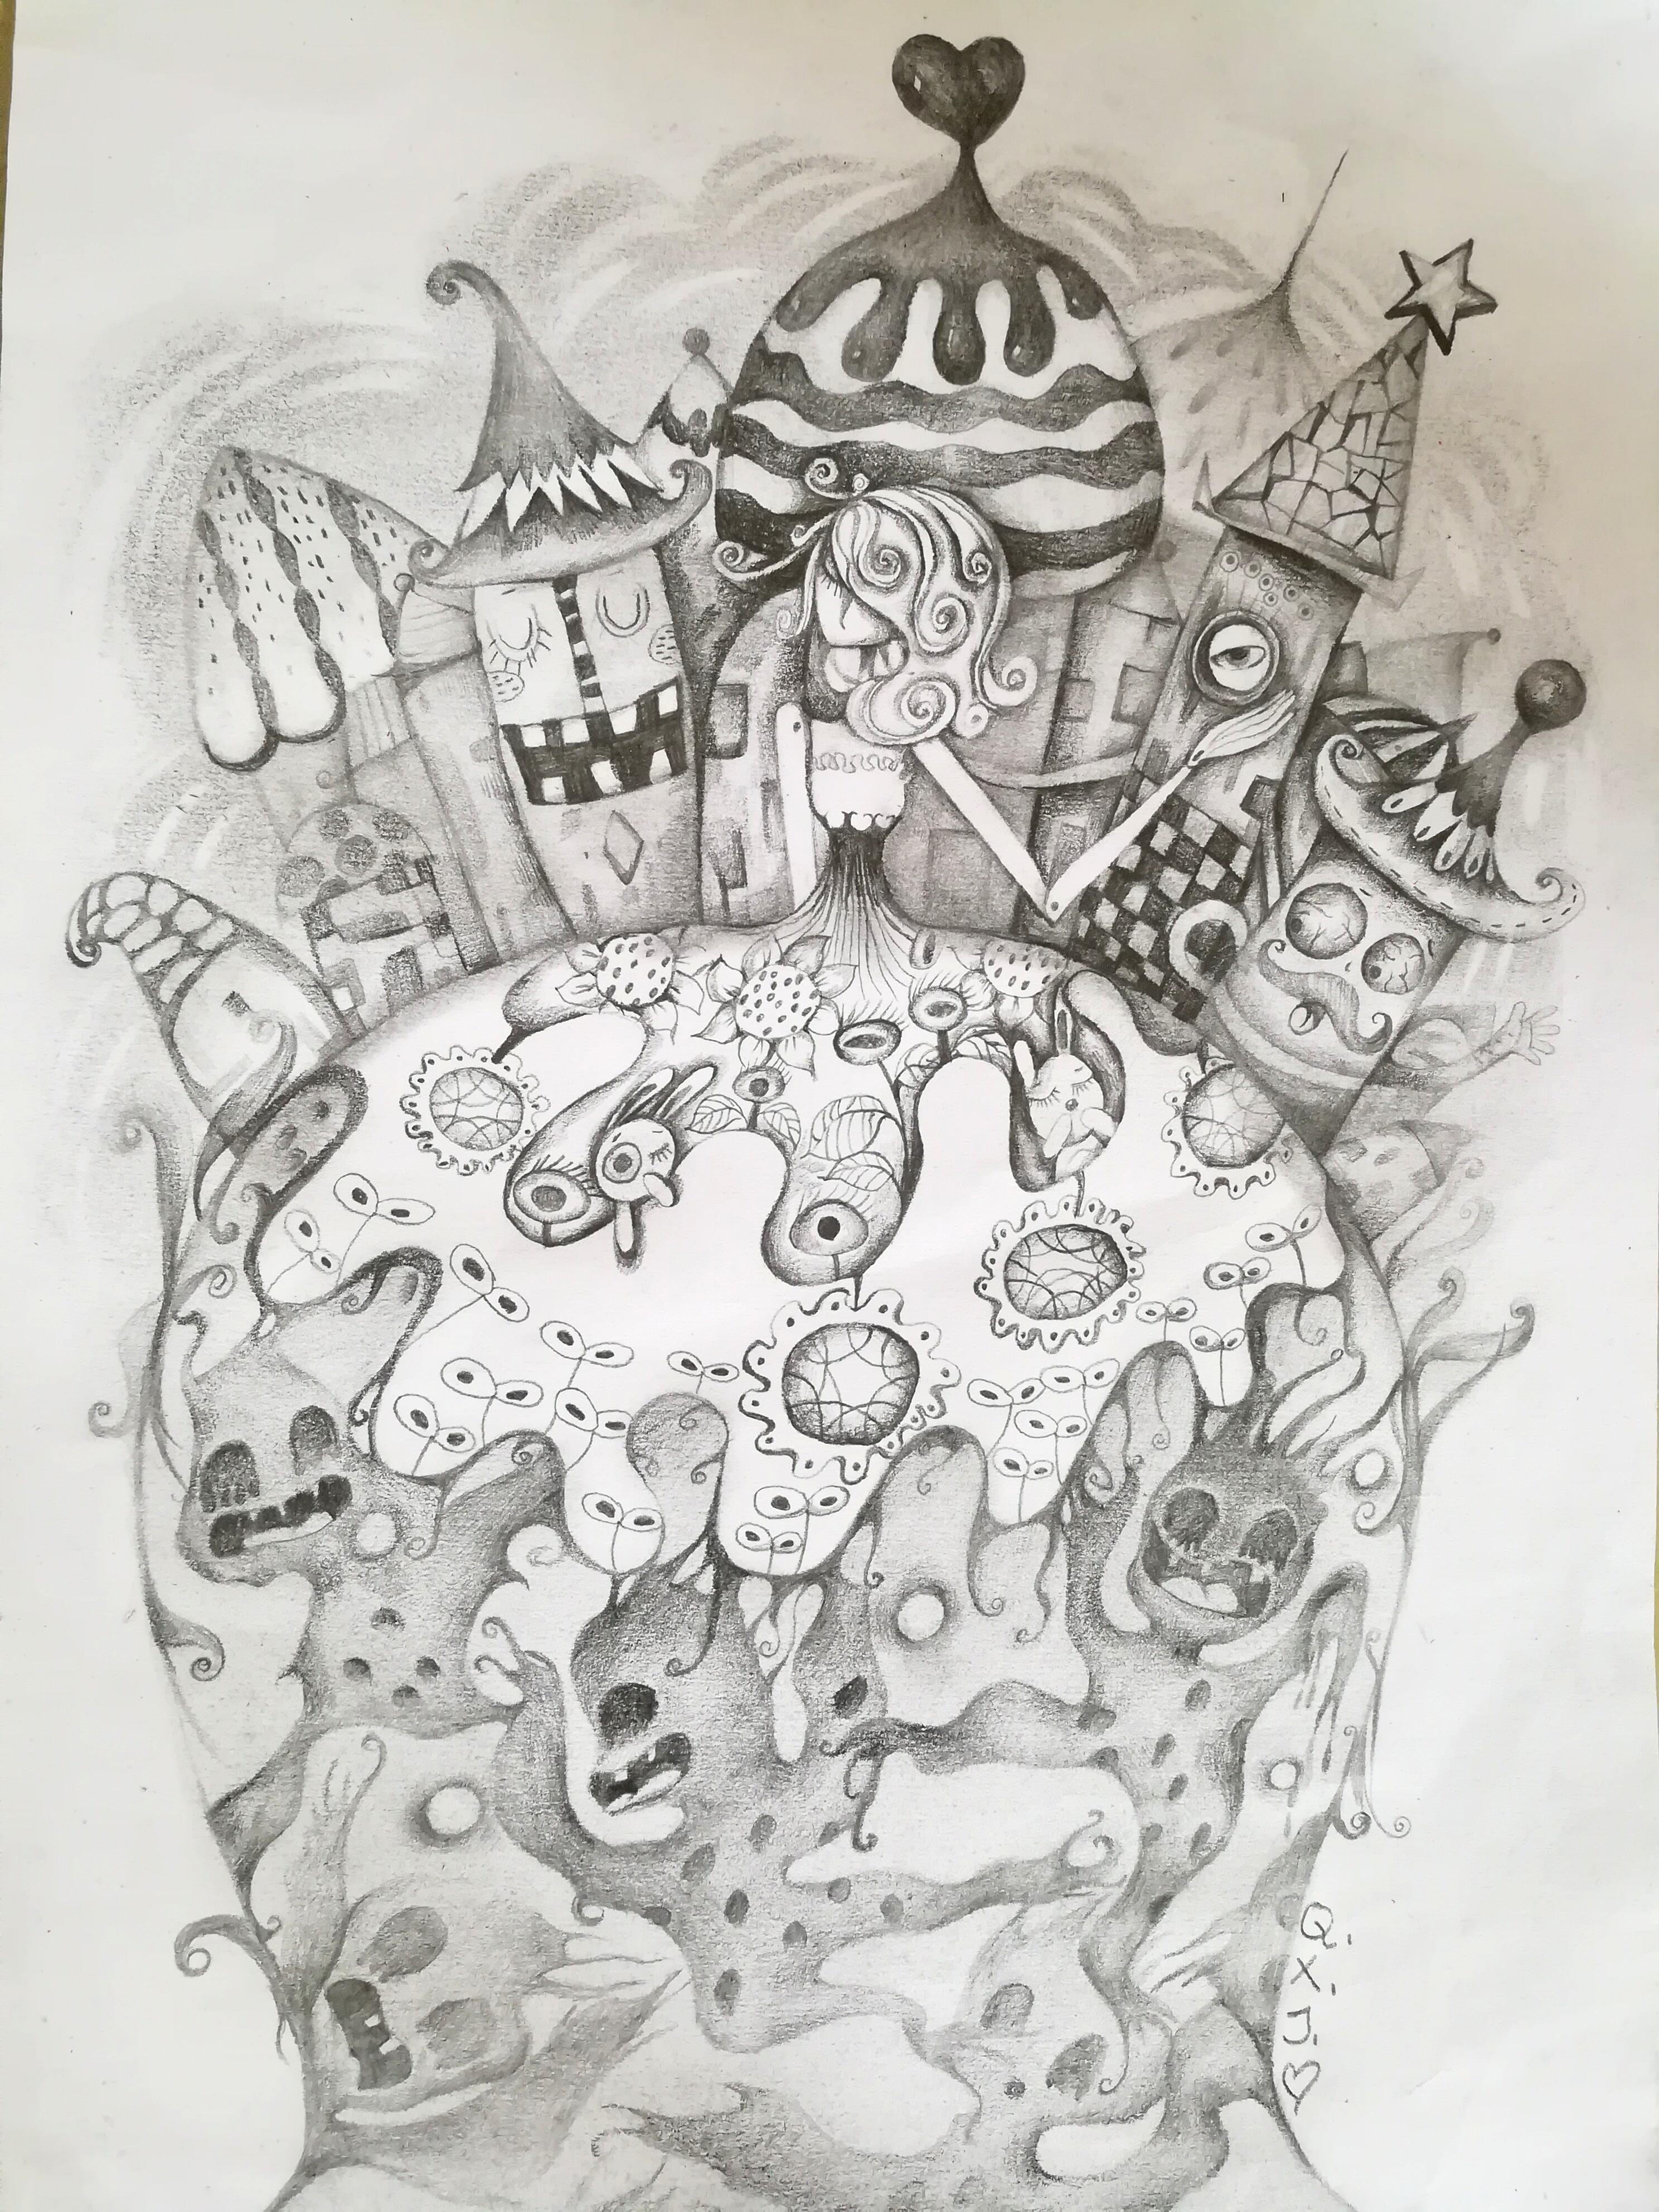 手绘 插画 儿童插画 秋小桔 - 原创作品 - 站酷